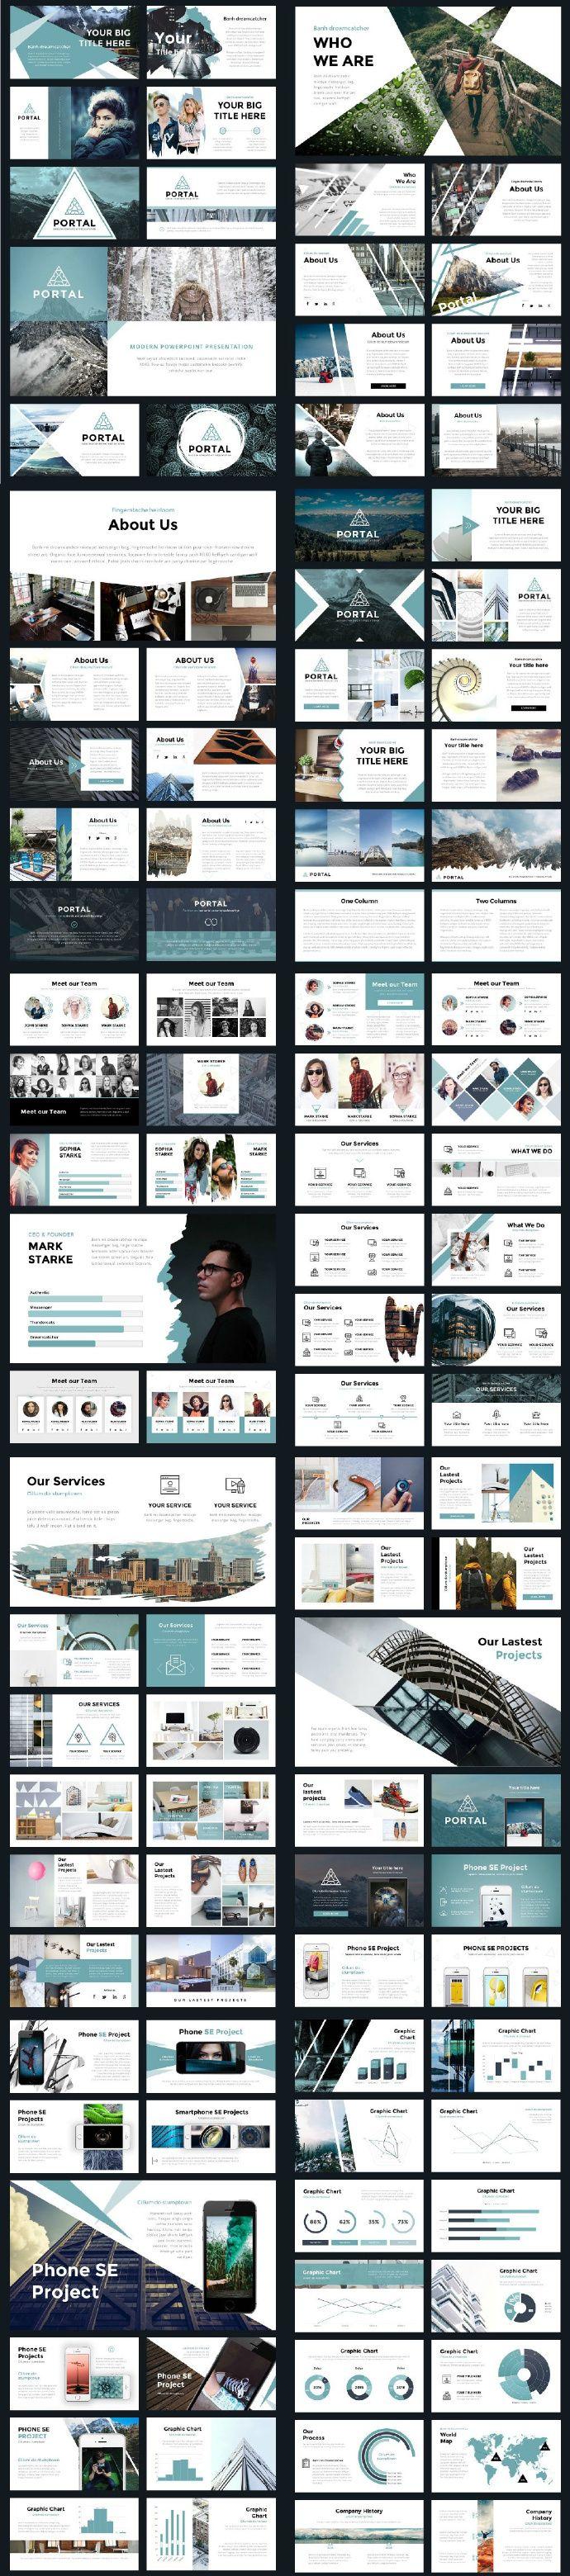 57 best ppt images on pinterest presentation layout presentation